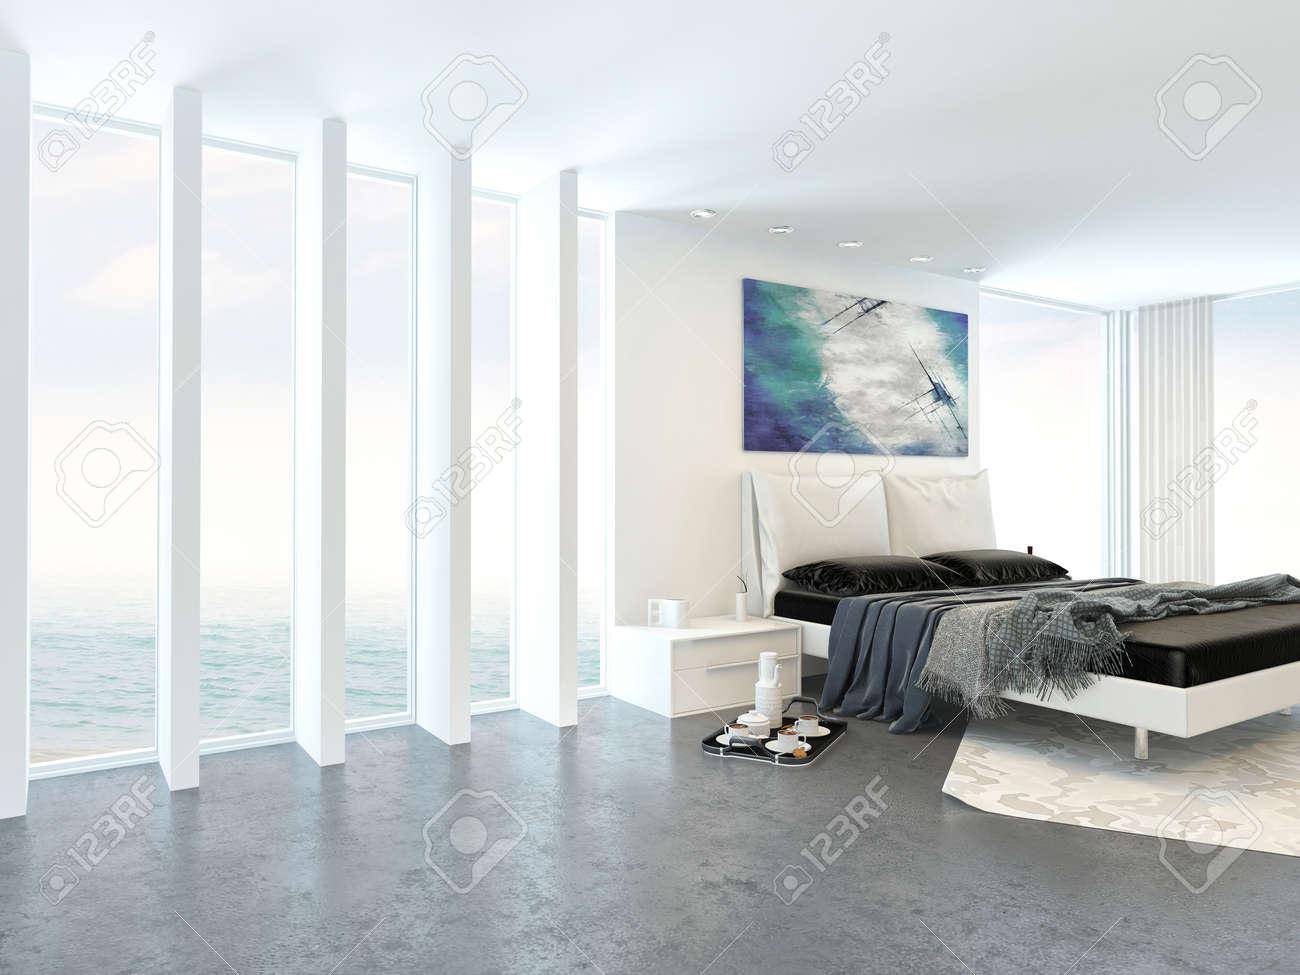 modern interior luminosa camera da letto luce con divano letto ... - Camera Da Letto Con Divano